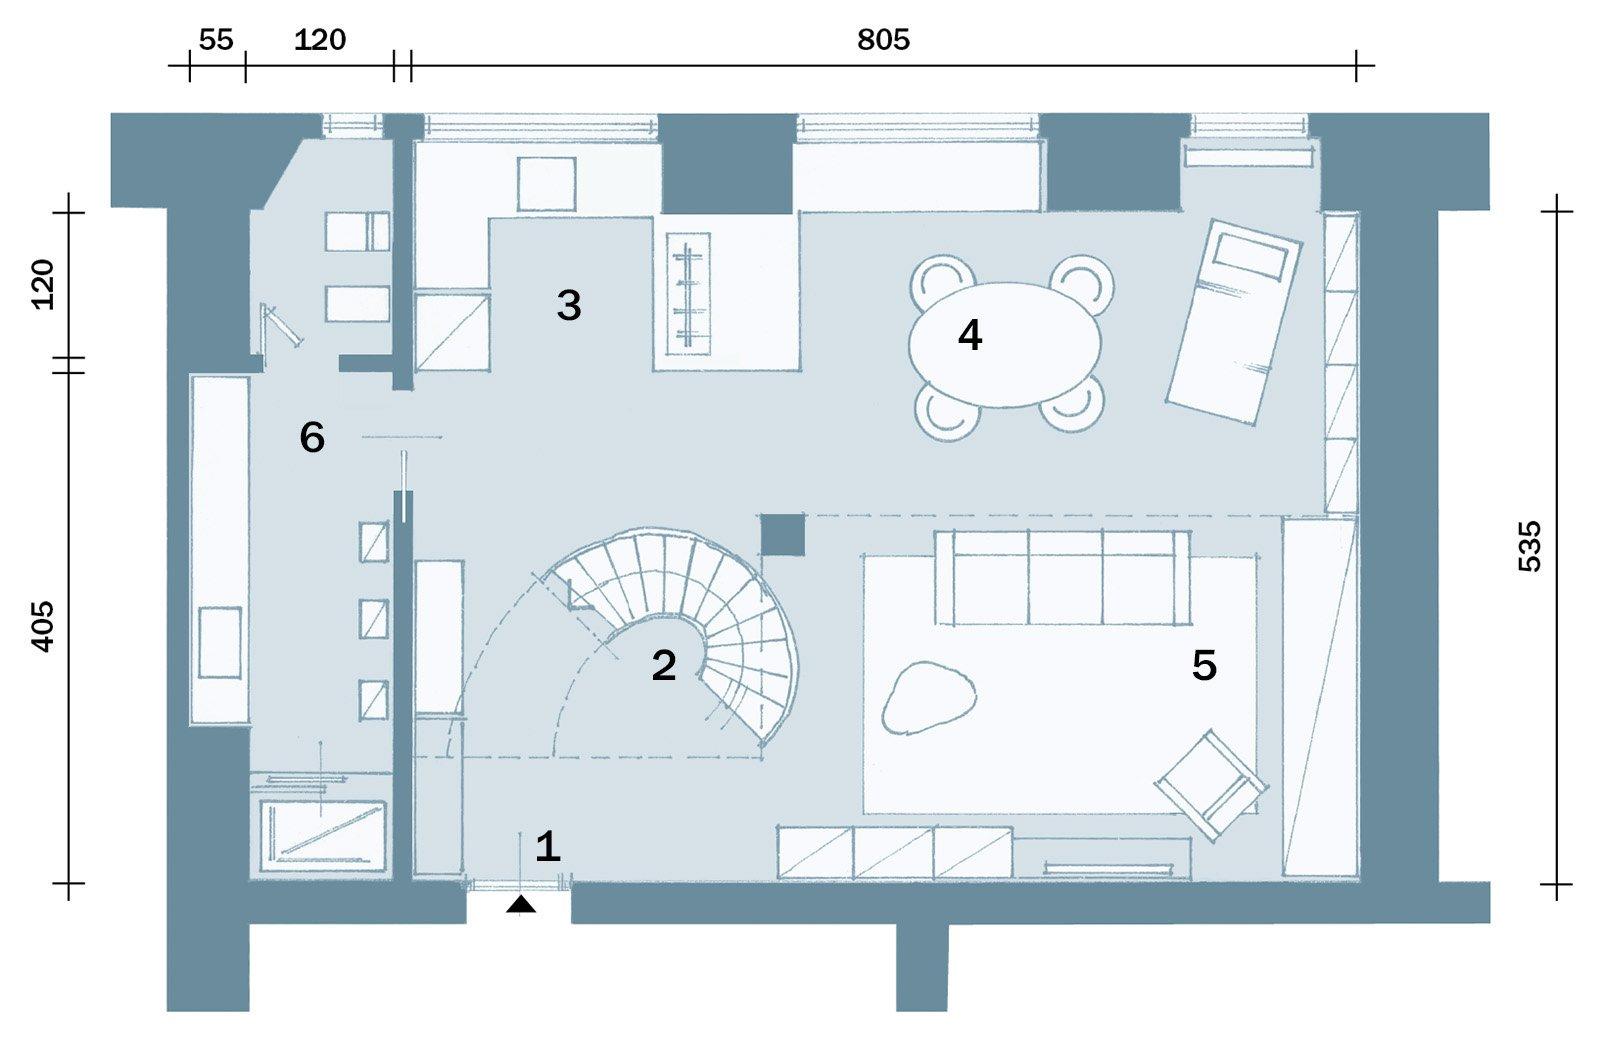 95 Mq Una Casa Con Nuovi Ambienti In Verticale Cose Di ...